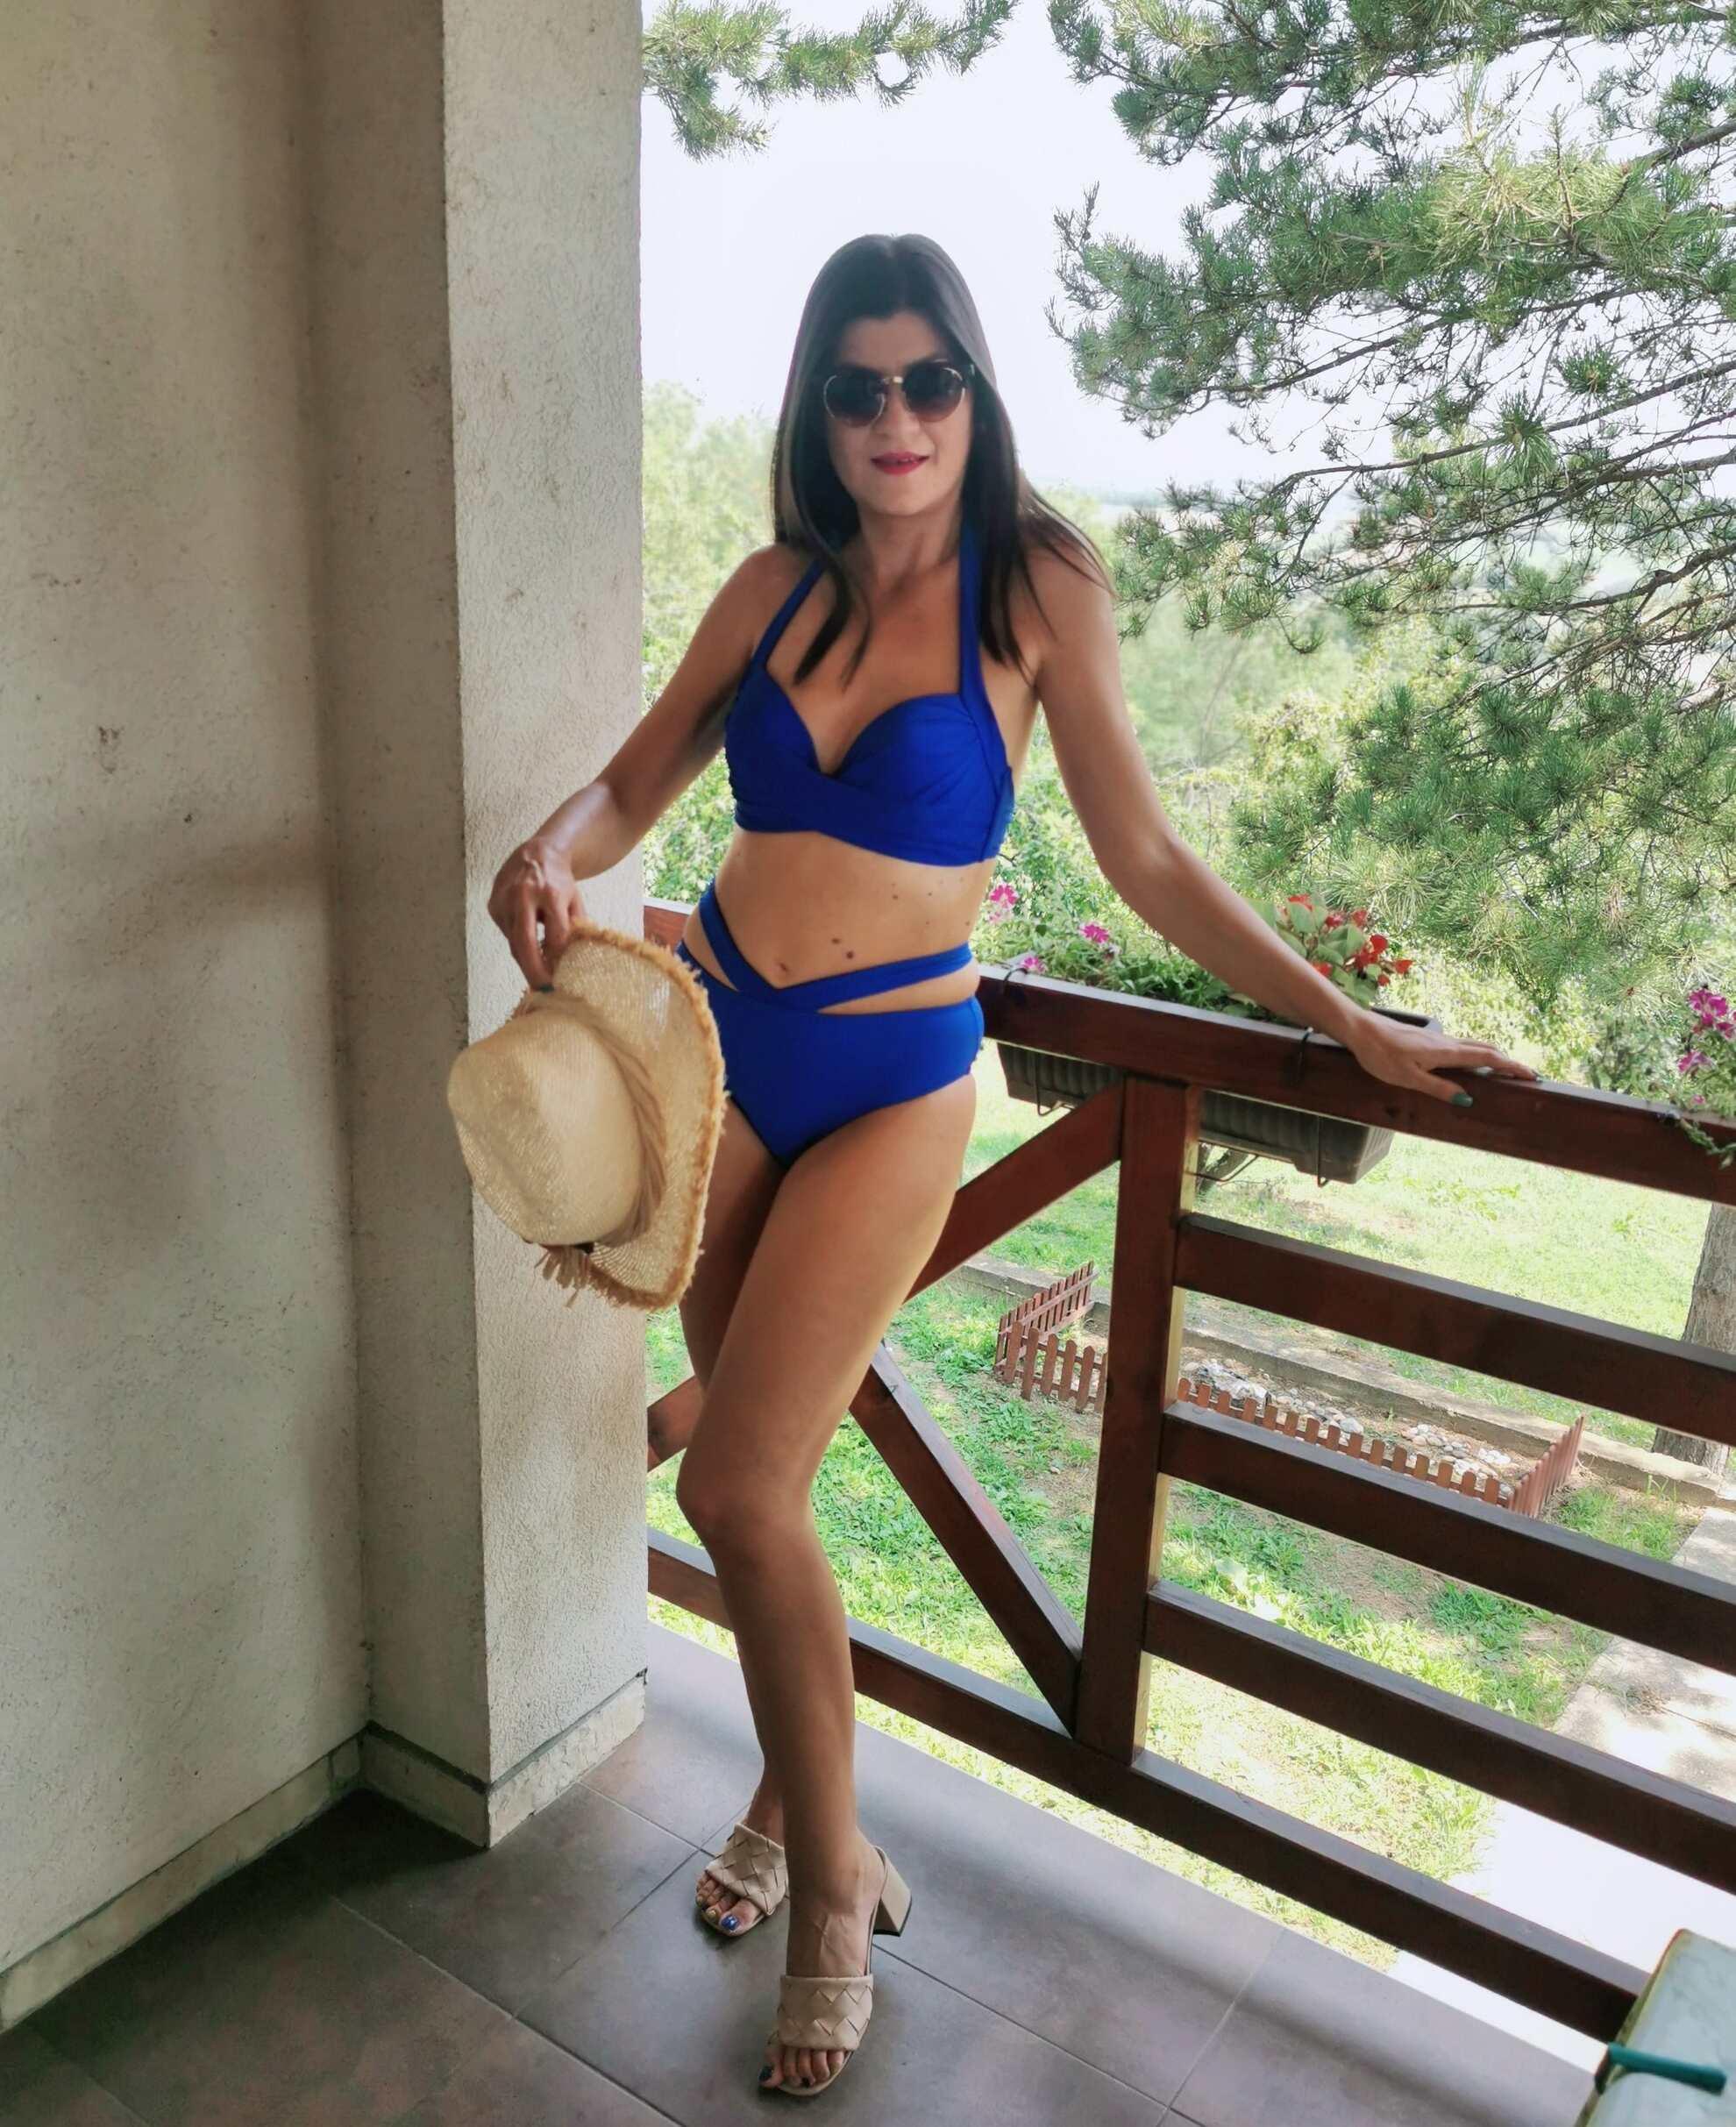 fave summer items: bikini, hat...